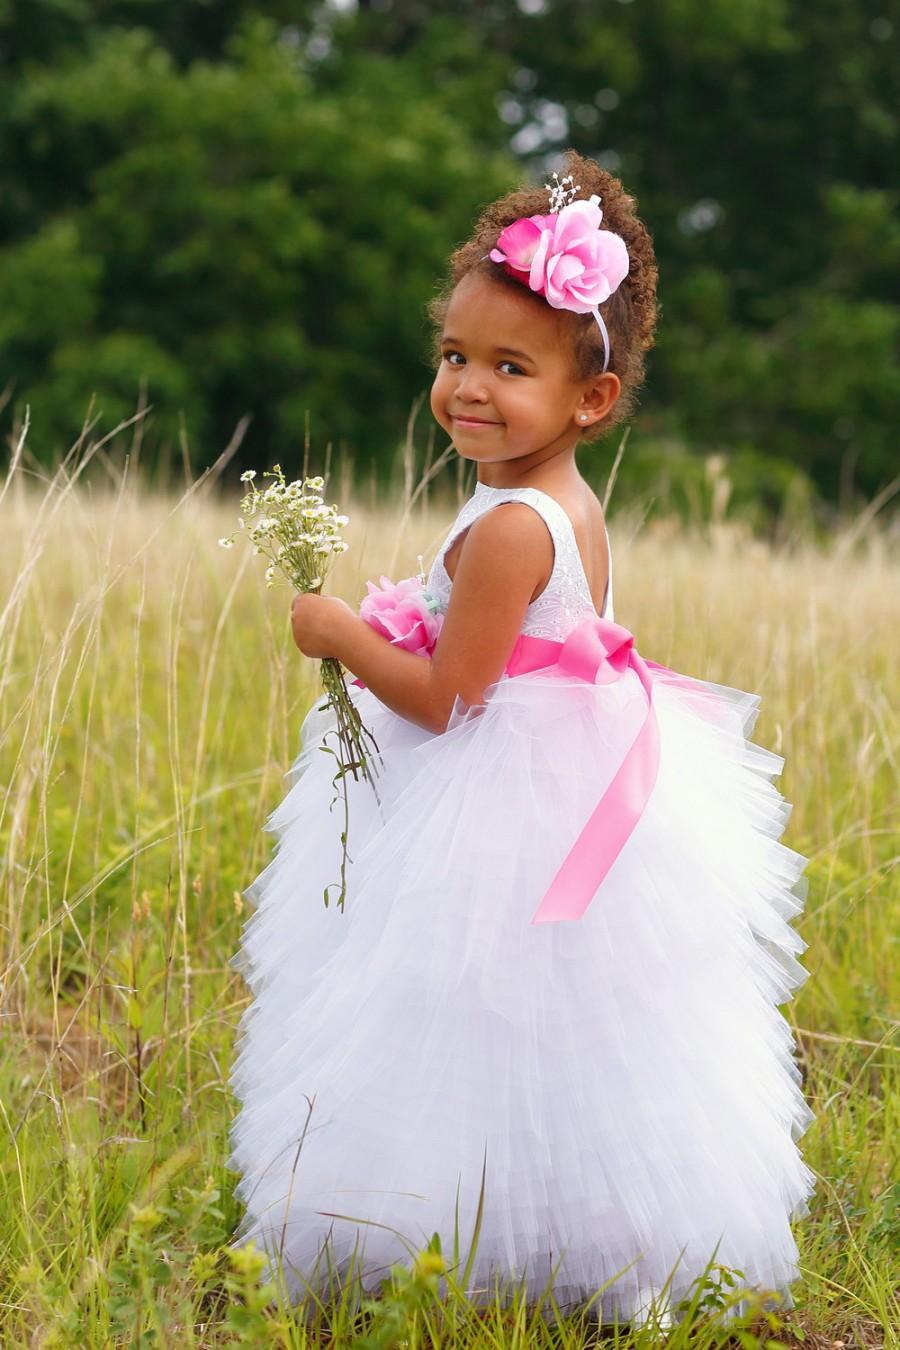 d4b392c2d0c Full Length Flower Girl Dress - Toddler White Dresses - Little Girl -  Wedding - Boutique Dress - Custom Colors Available - 2T to 8 Years